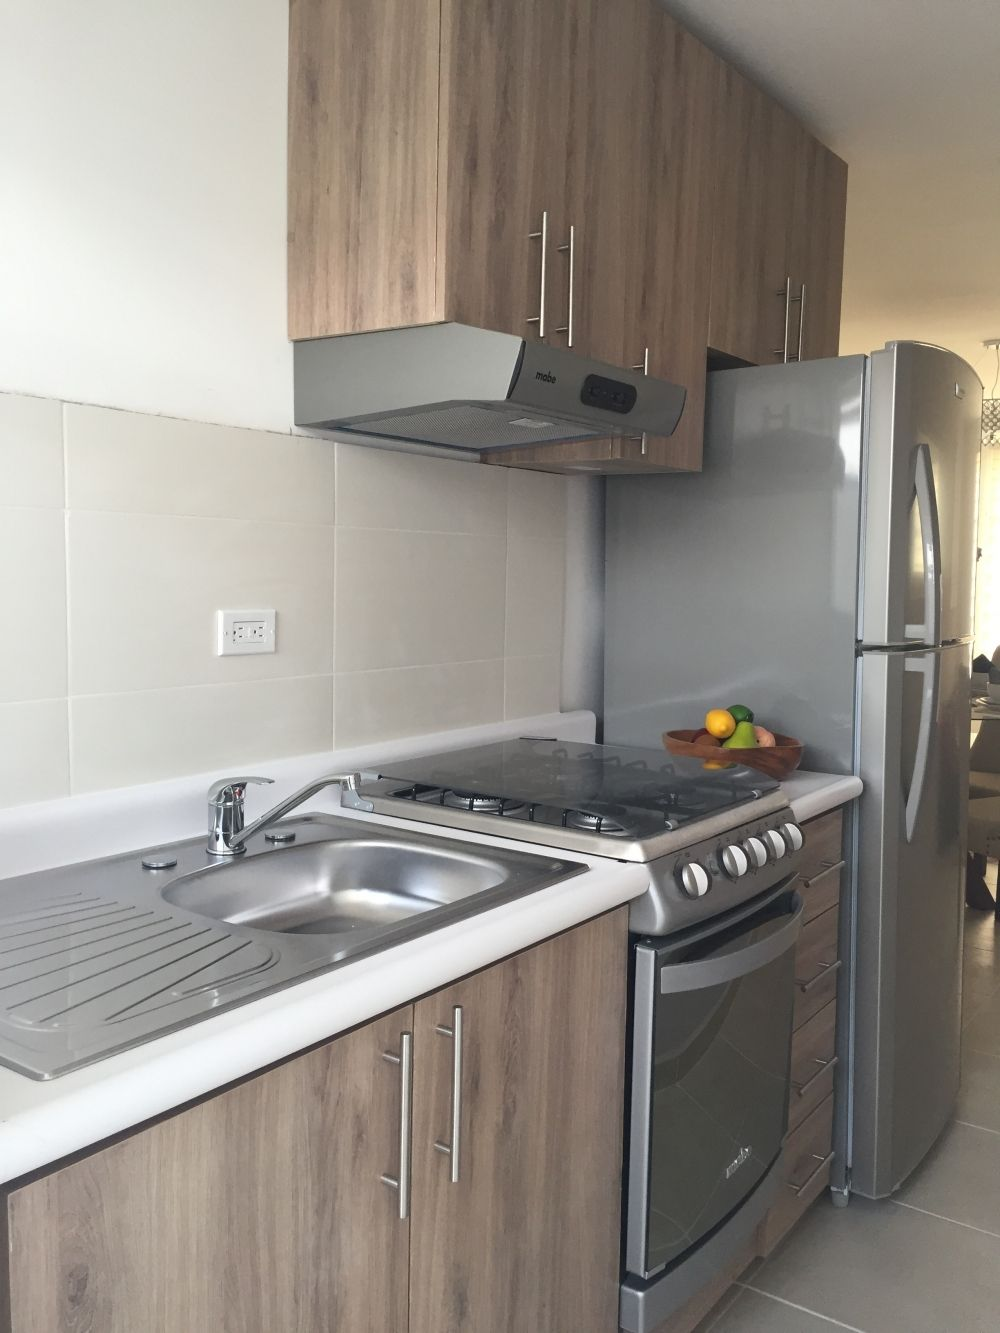 exterior decoraci n de casas infonavit en 2019 cocinas On cocinas integrales para casas de infonavit